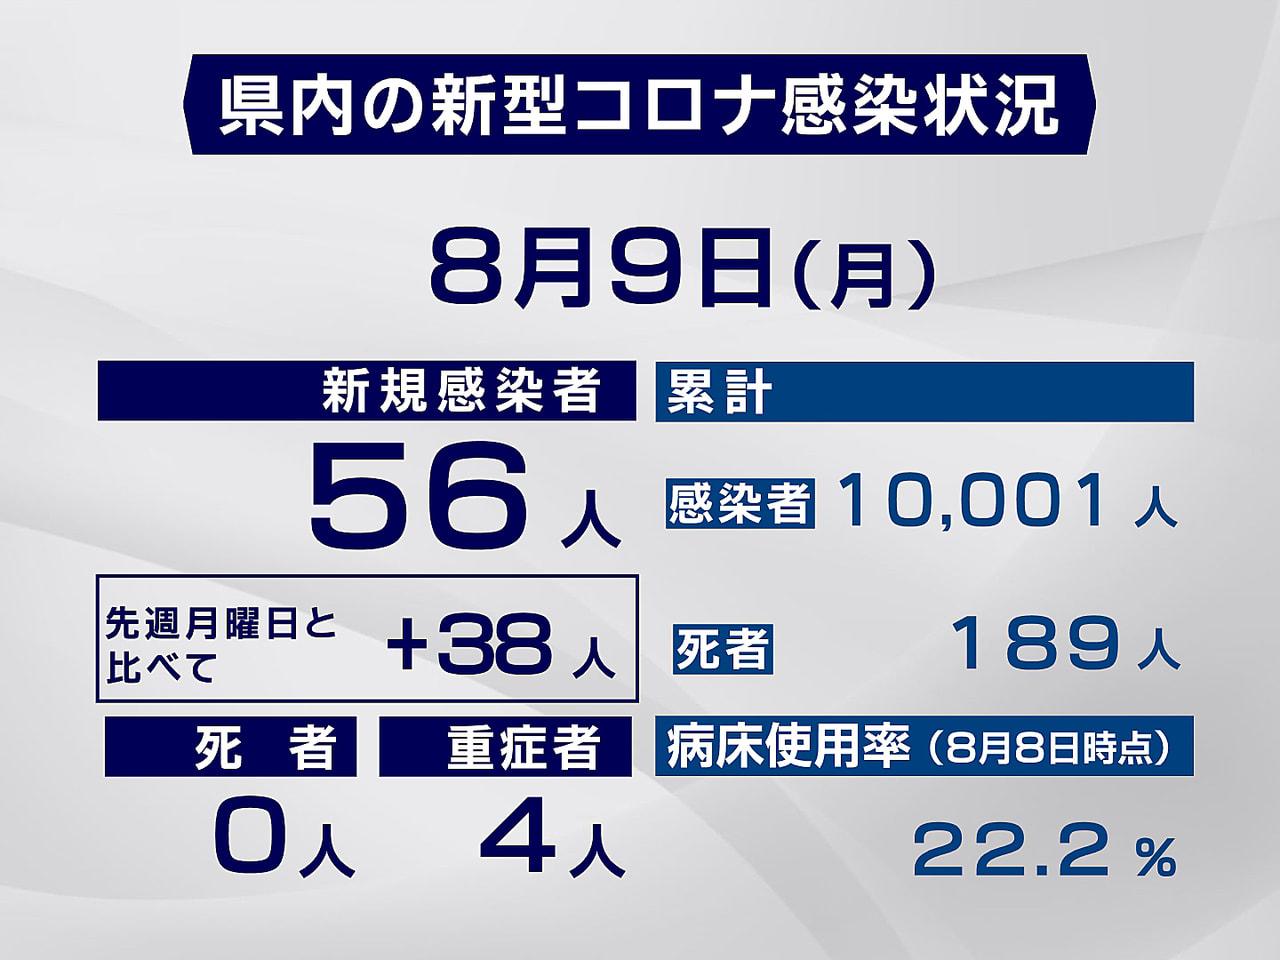 岐阜県と岐阜市は9日、新型コロナウイルスの感染者が新たに56人確認されたと発表し...